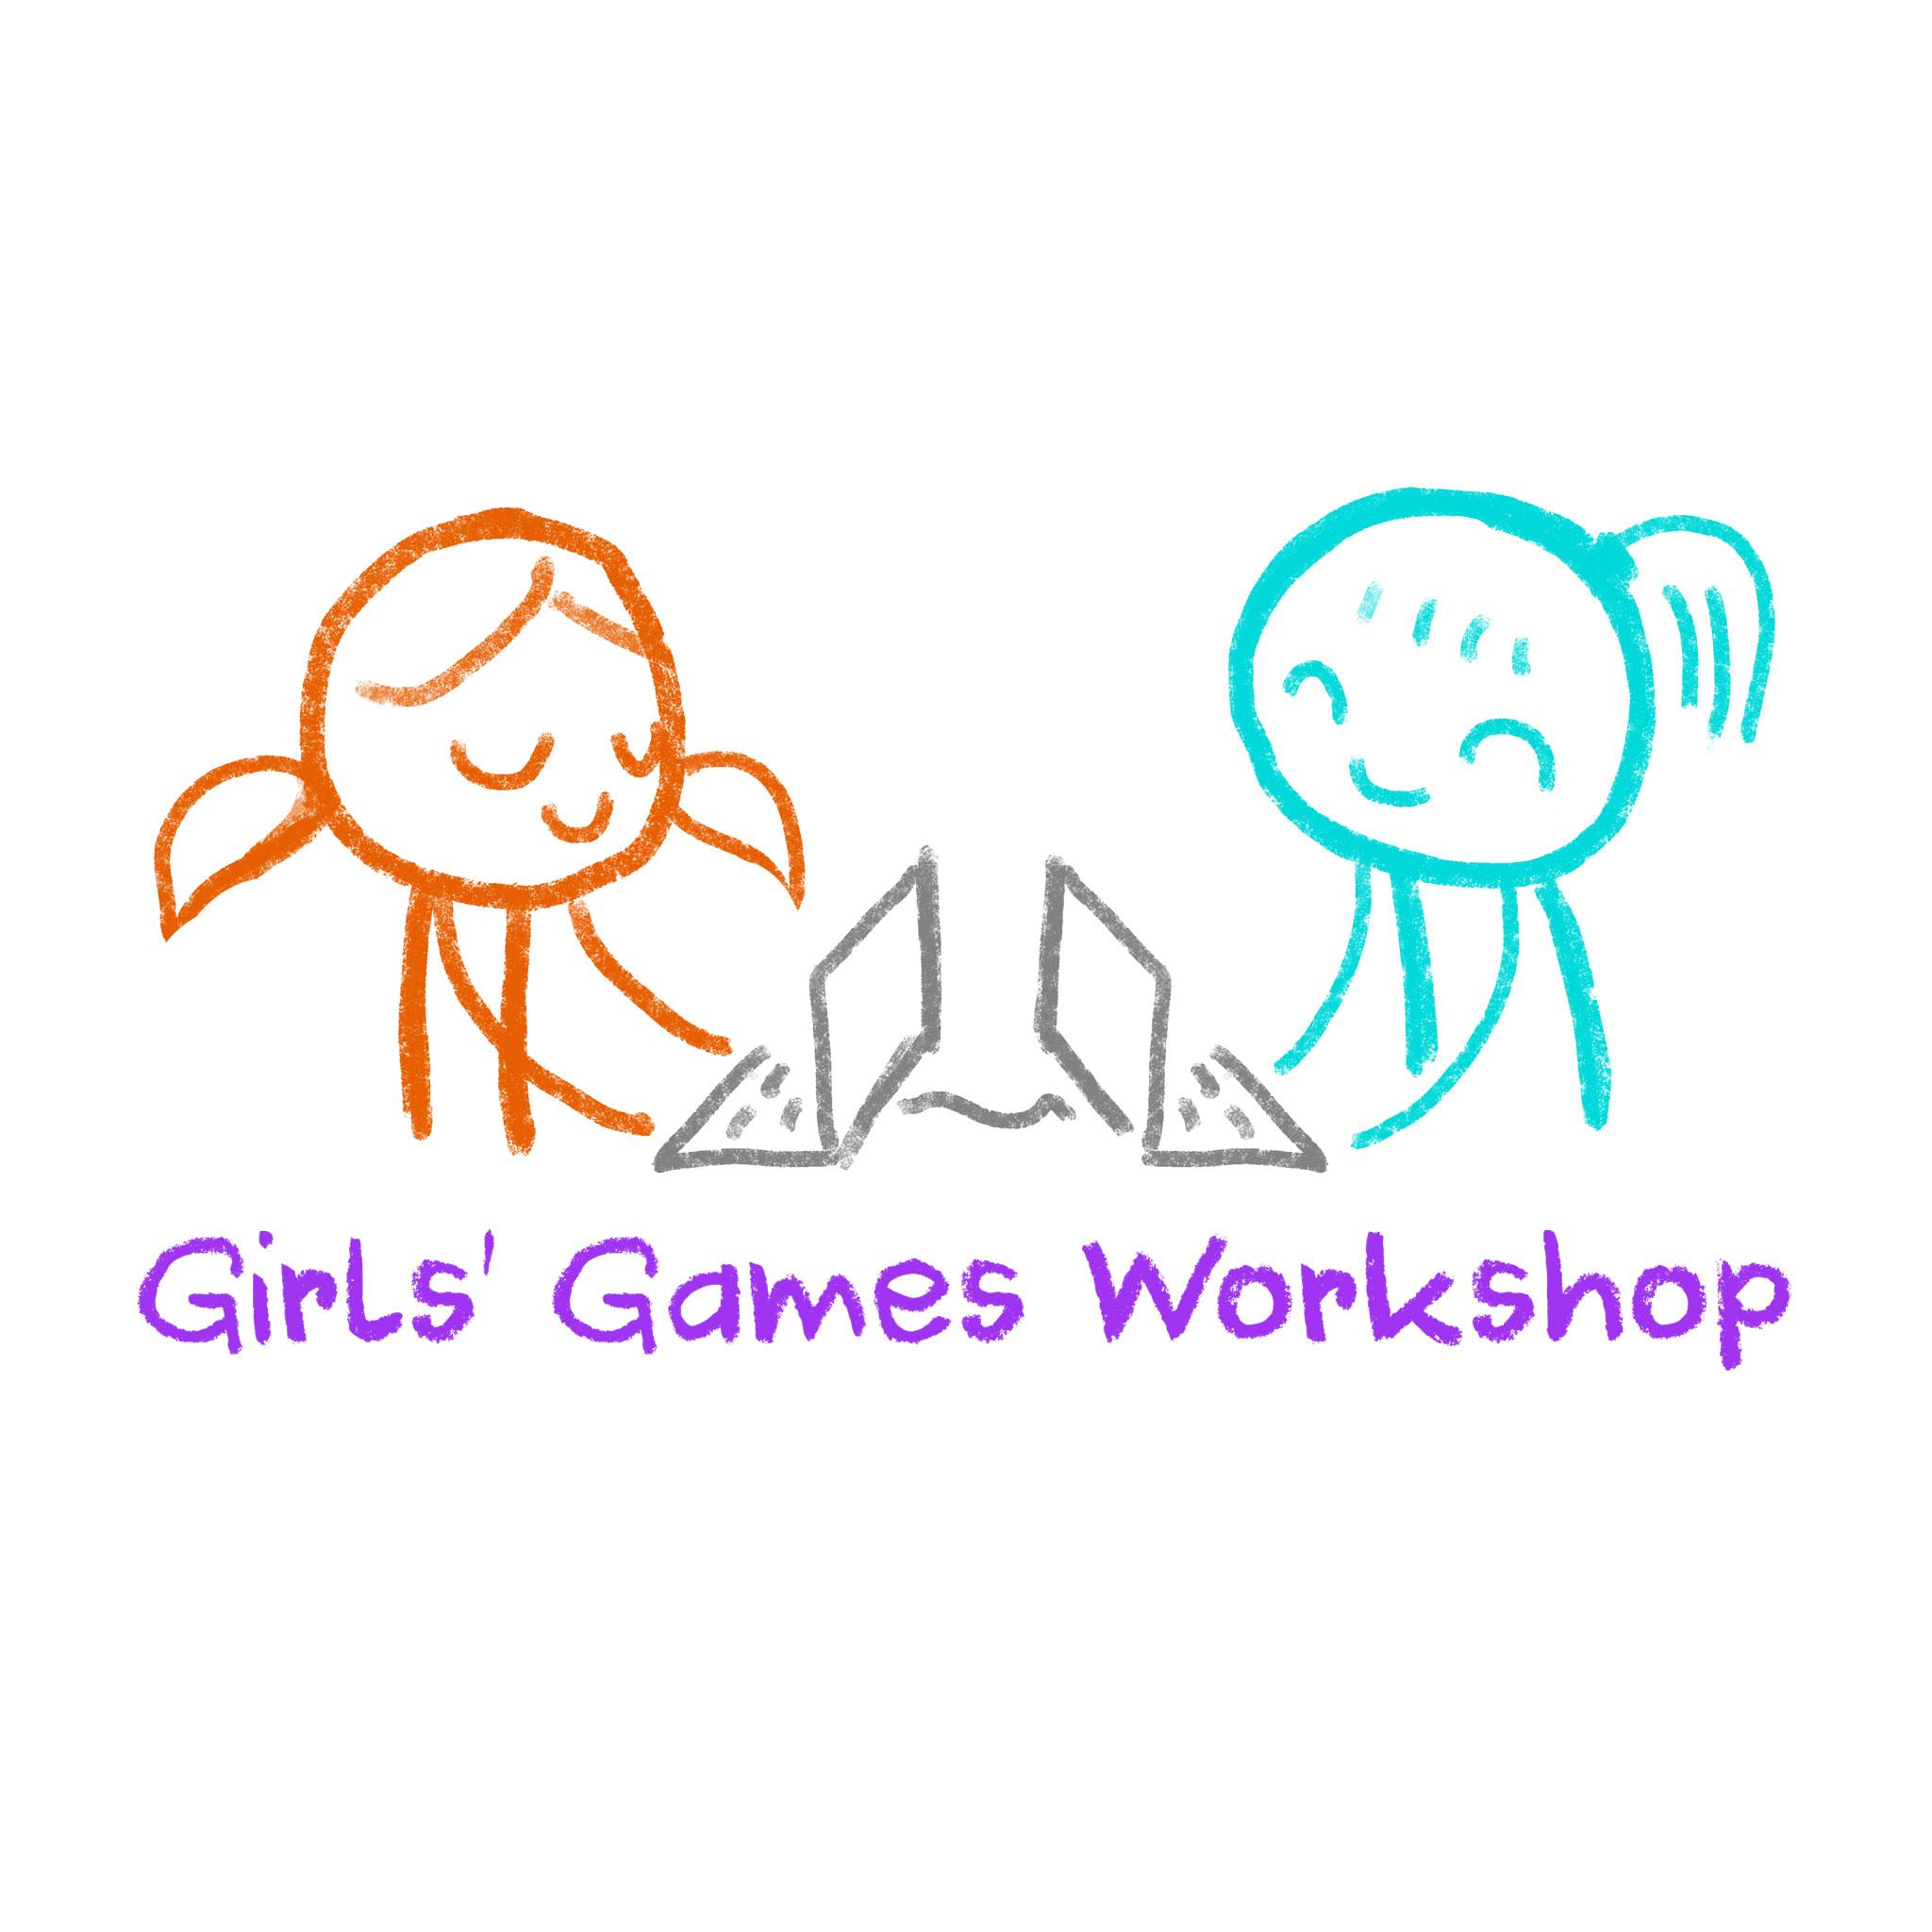 Girls' Games Workshop in Berlin Prenzlauer Berg